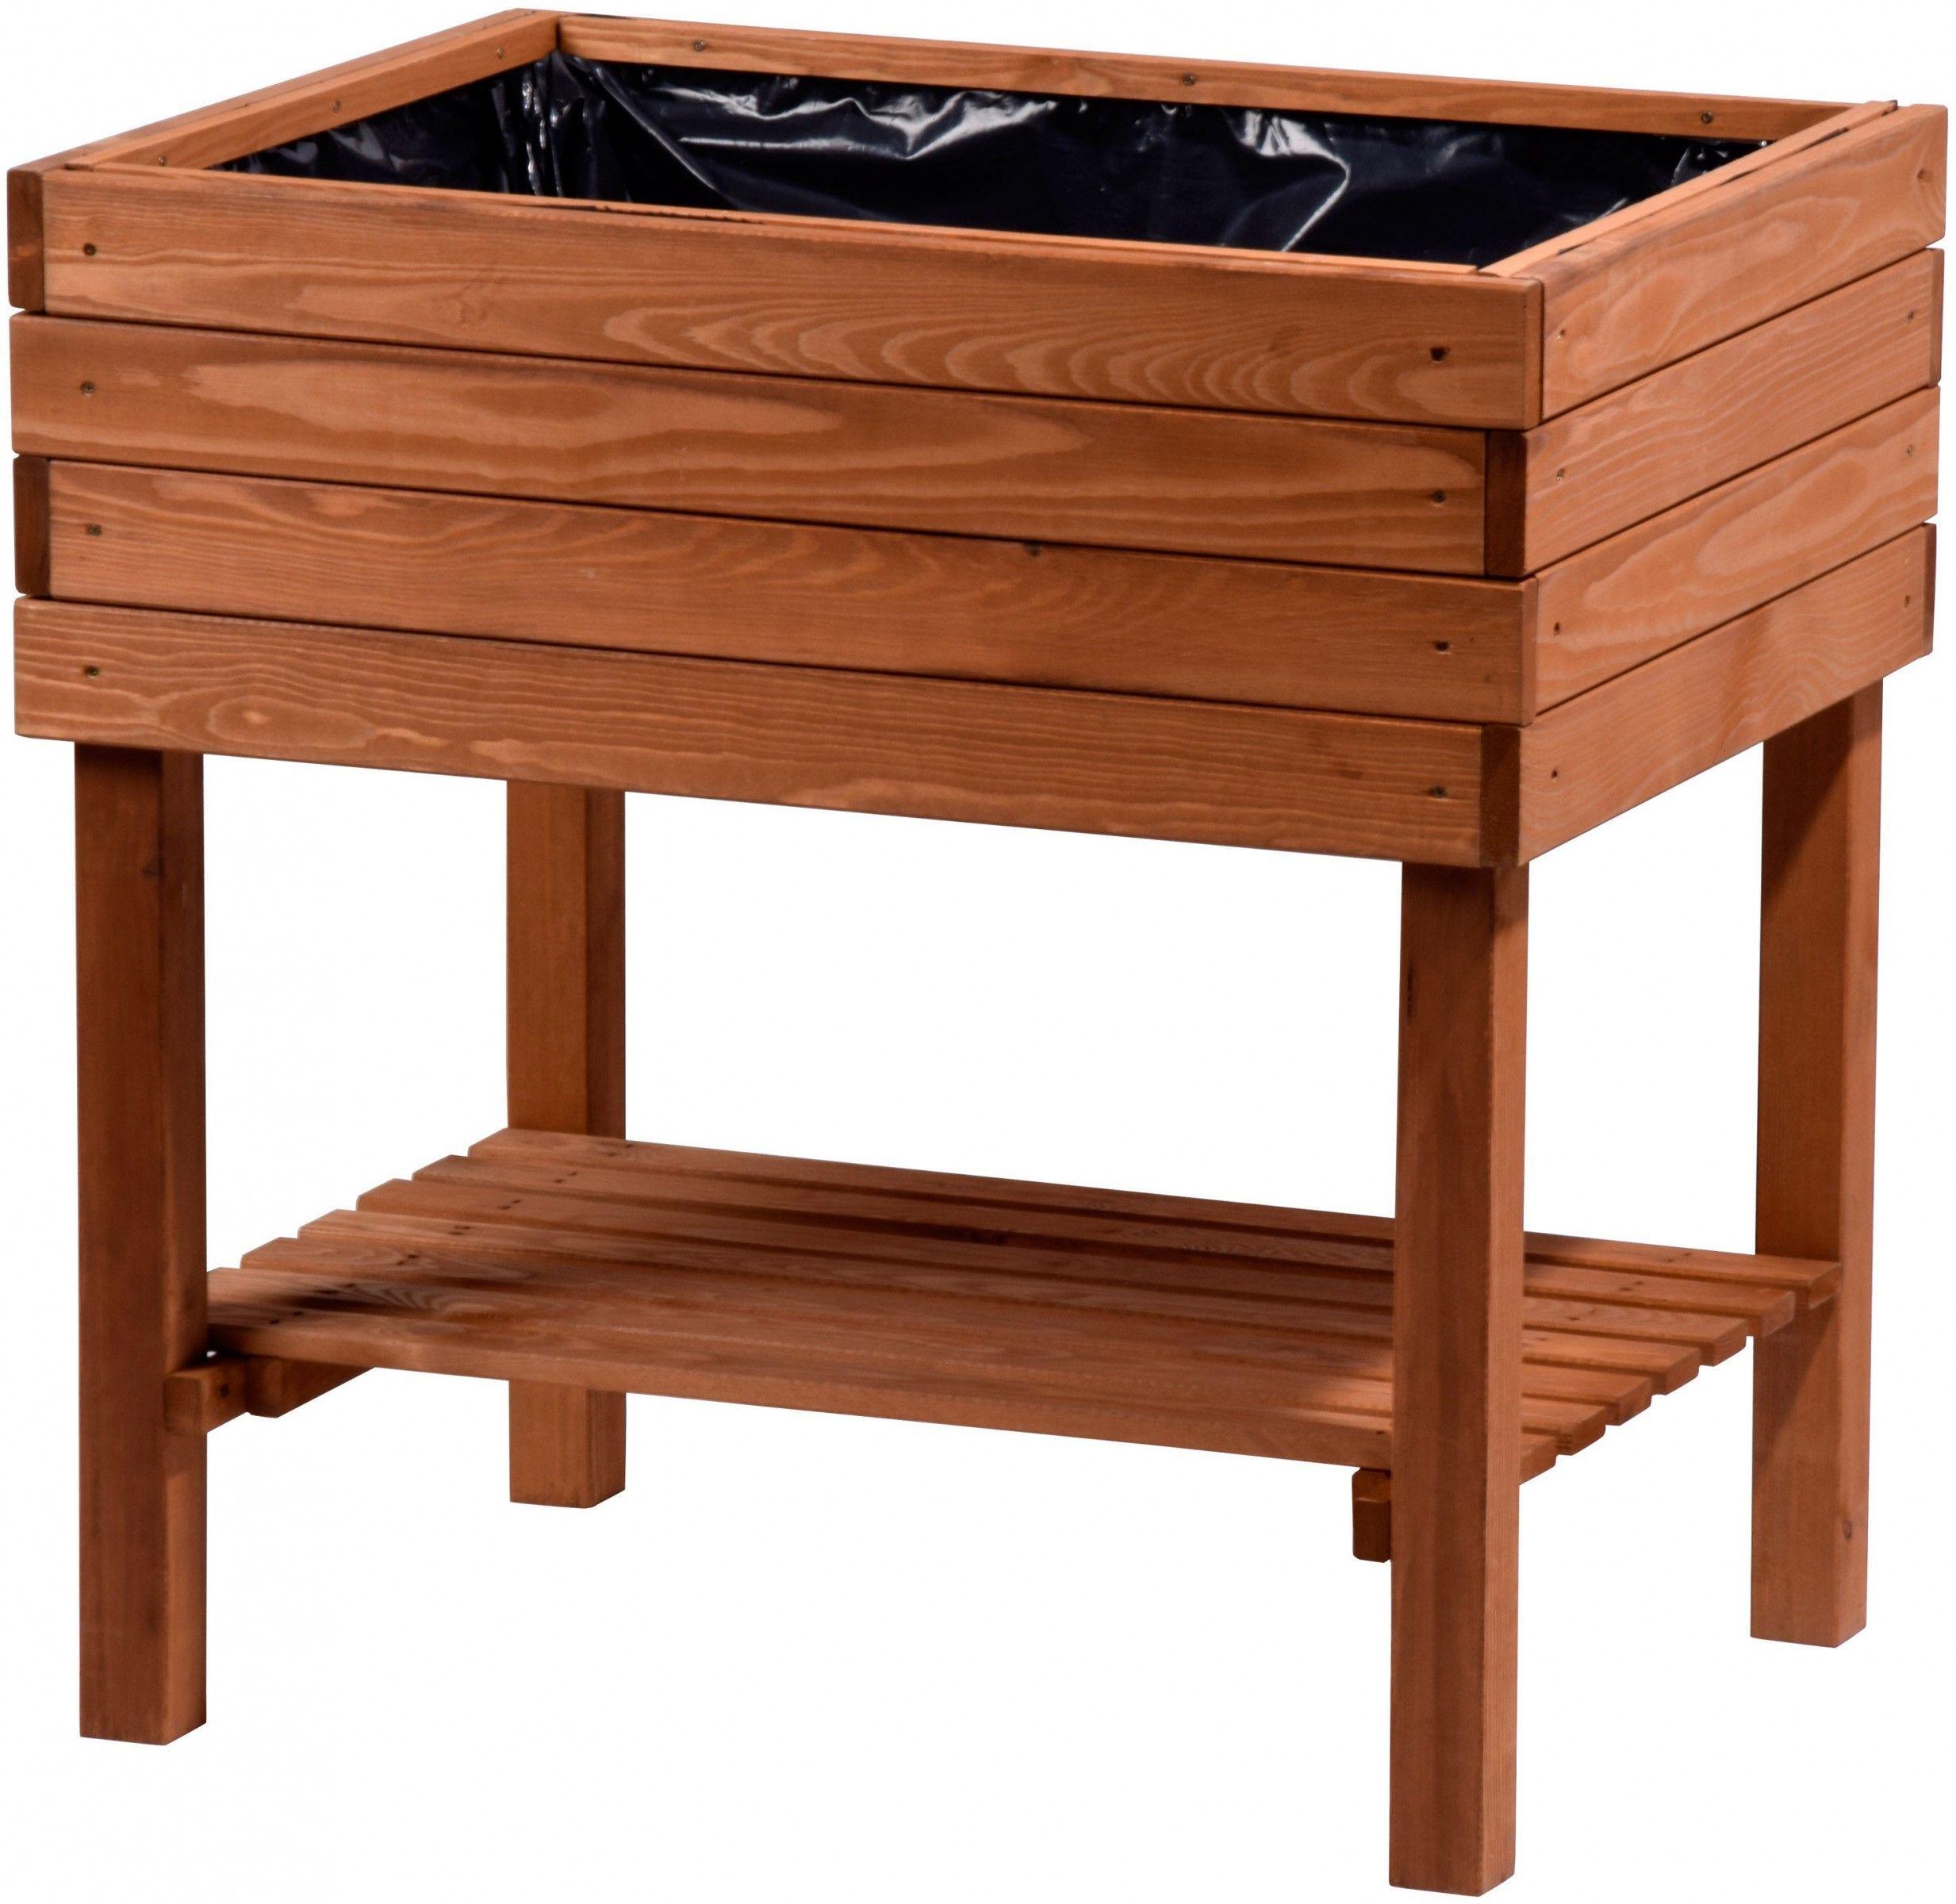 Dobar Hochbeet Inkl Pflanzfolie Braun Braun Dobar Hochbeet Inkl Pflanzfolie In 2020 Raised Beds Garden Boxes Diy Garden Beds